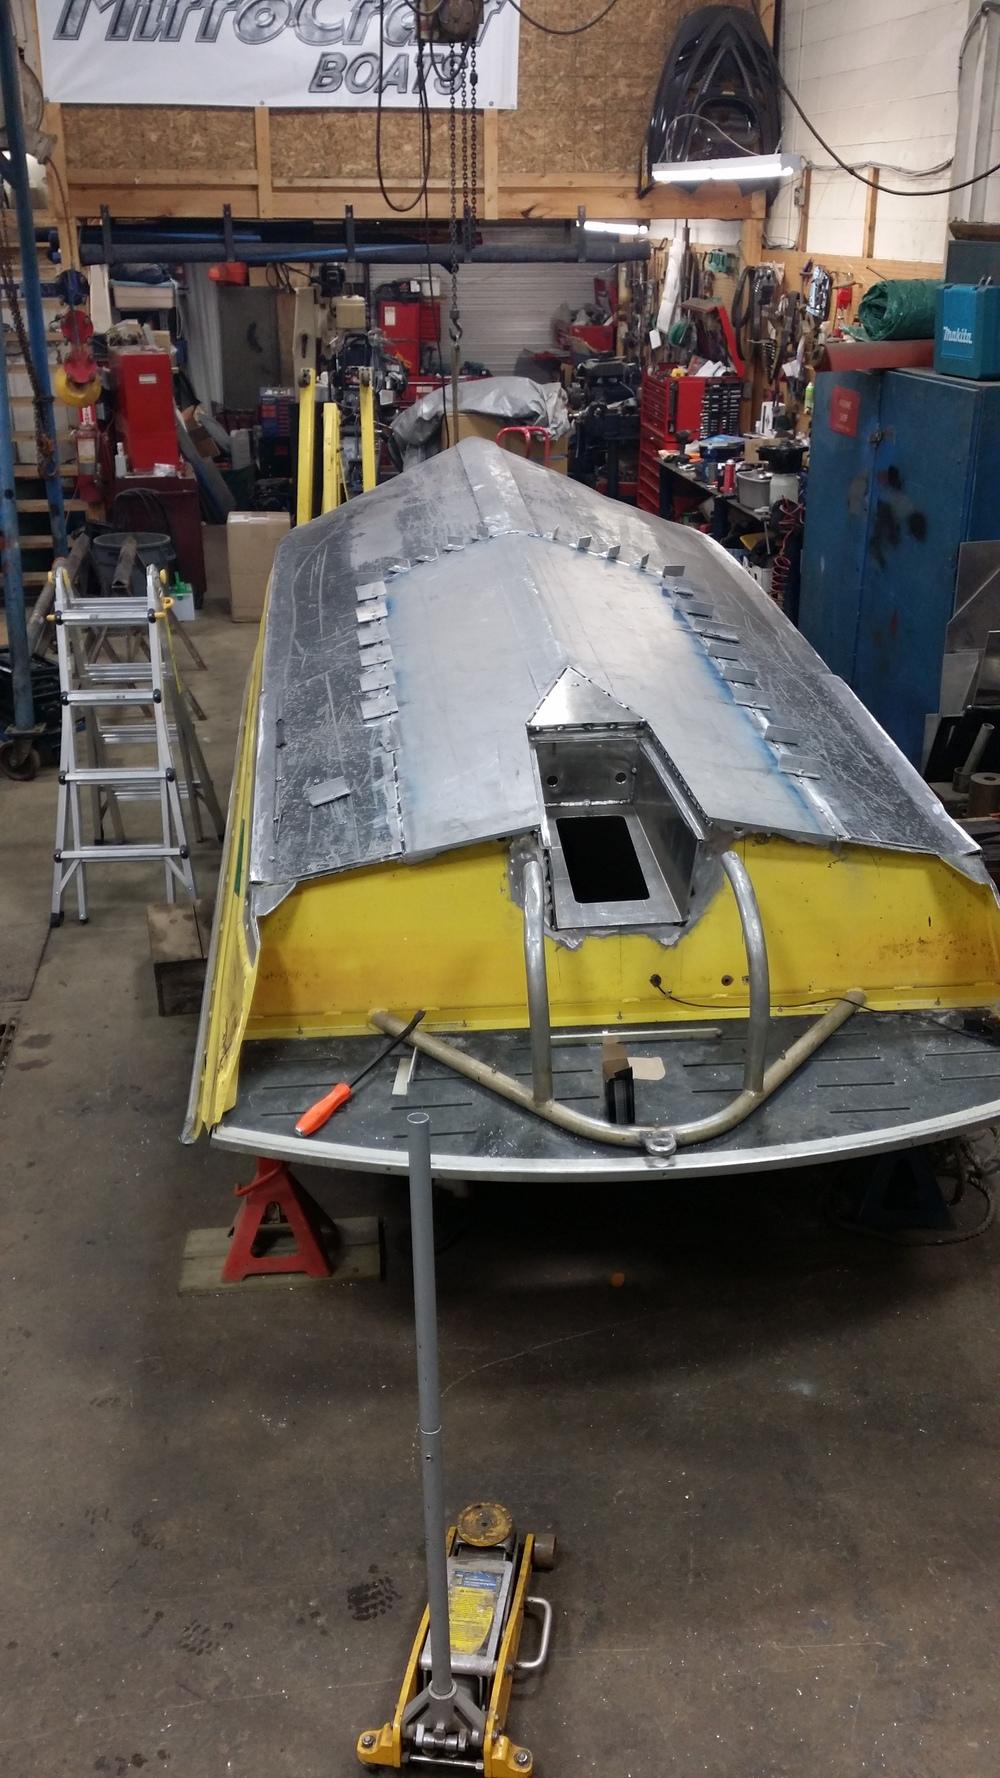 Boat<br>Repair